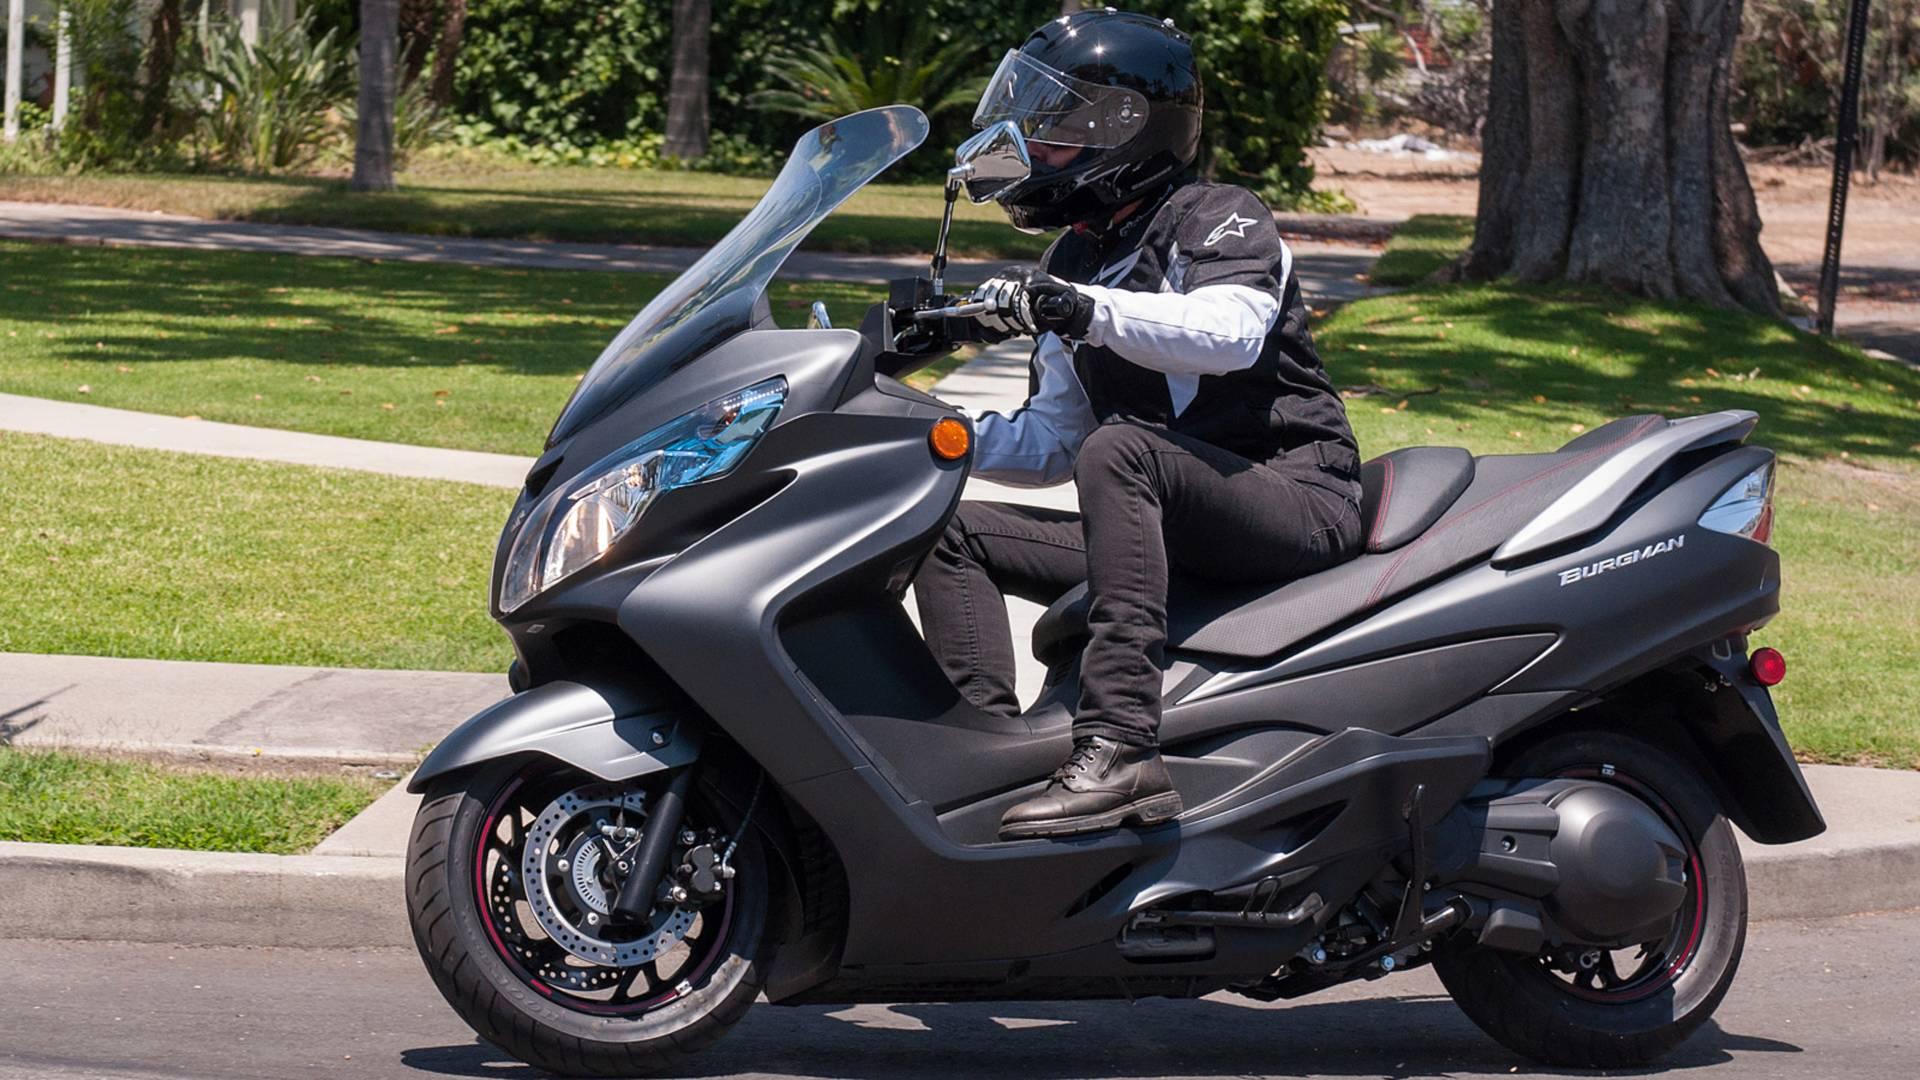 RideApart Review: Suzuki Burgman 400 ABS